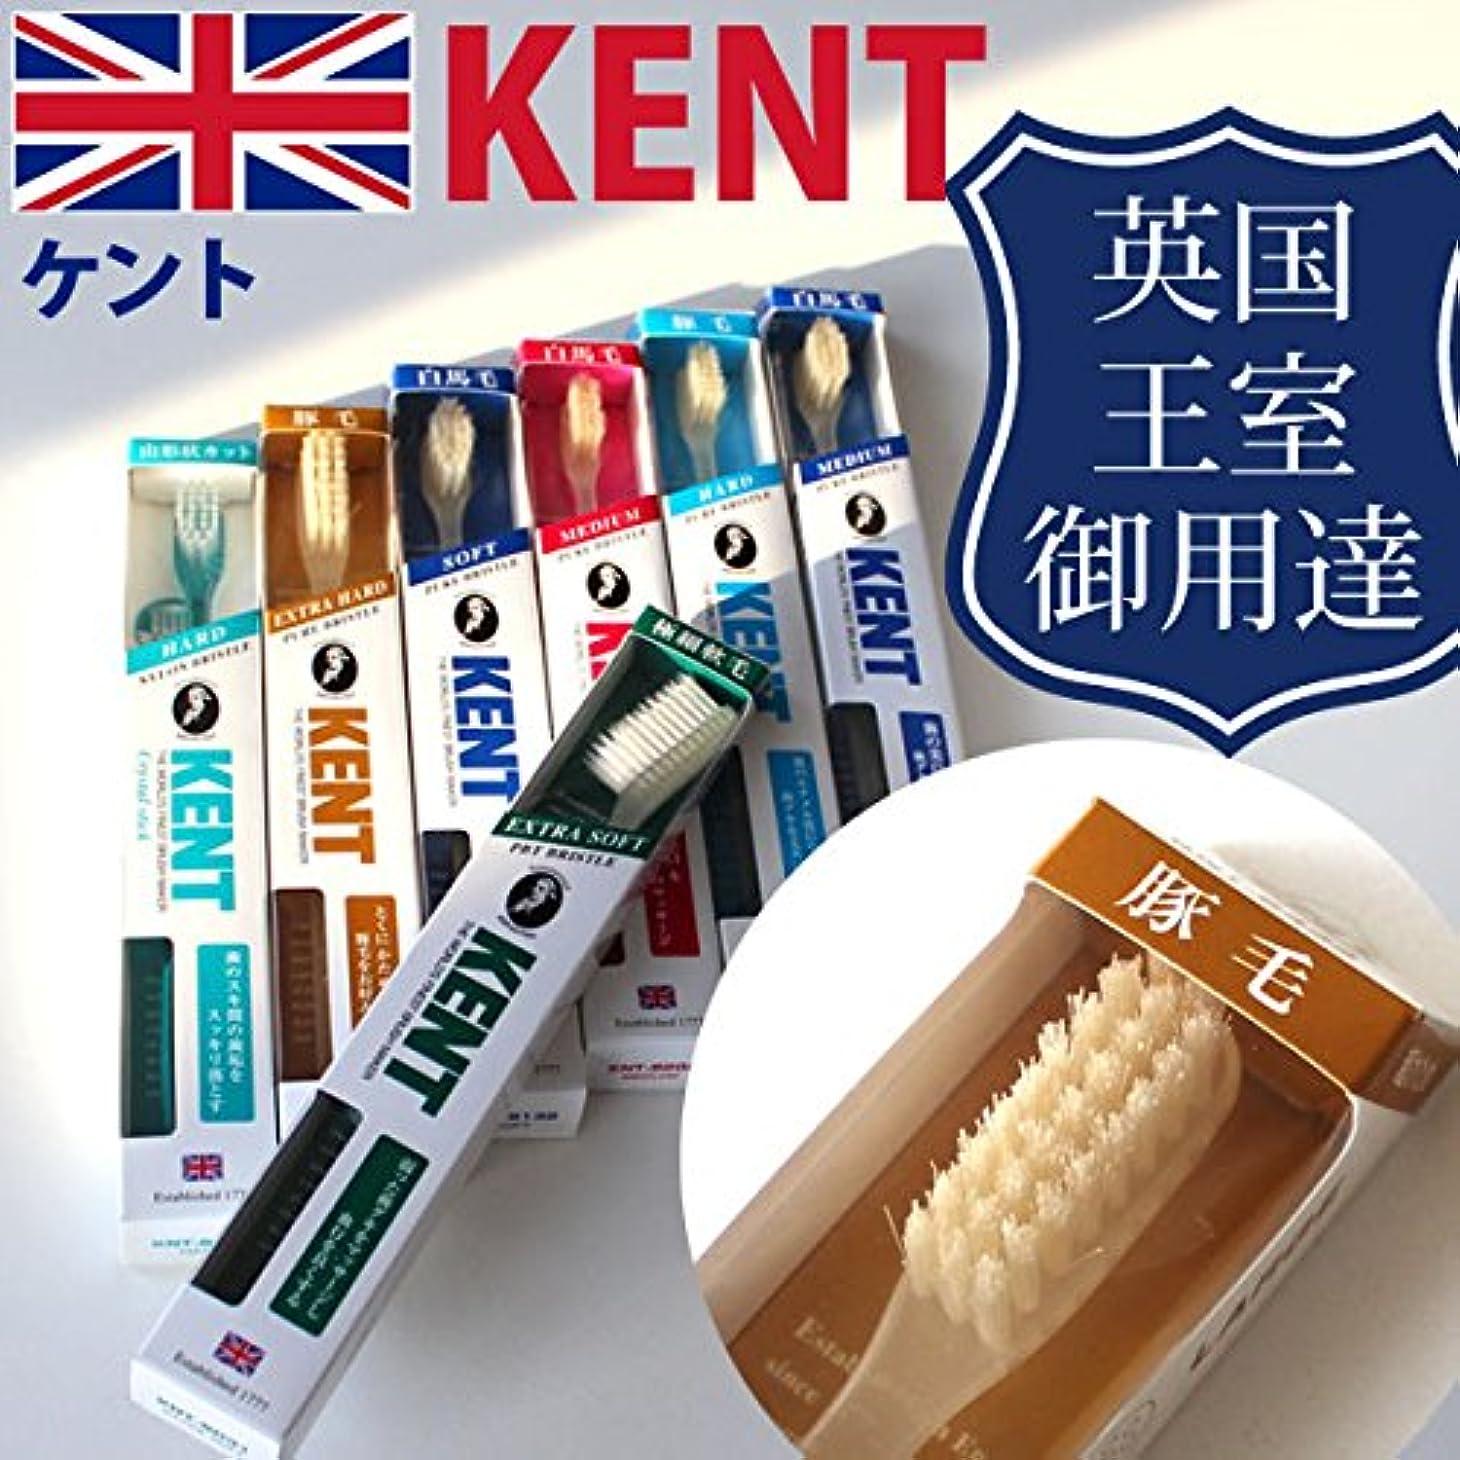 学校折る争いケント KENT 豚毛 ラージヘッド 歯ブラシKNT-9433 超かため 6本入り しっかり磨ける天然毛のラジヘ